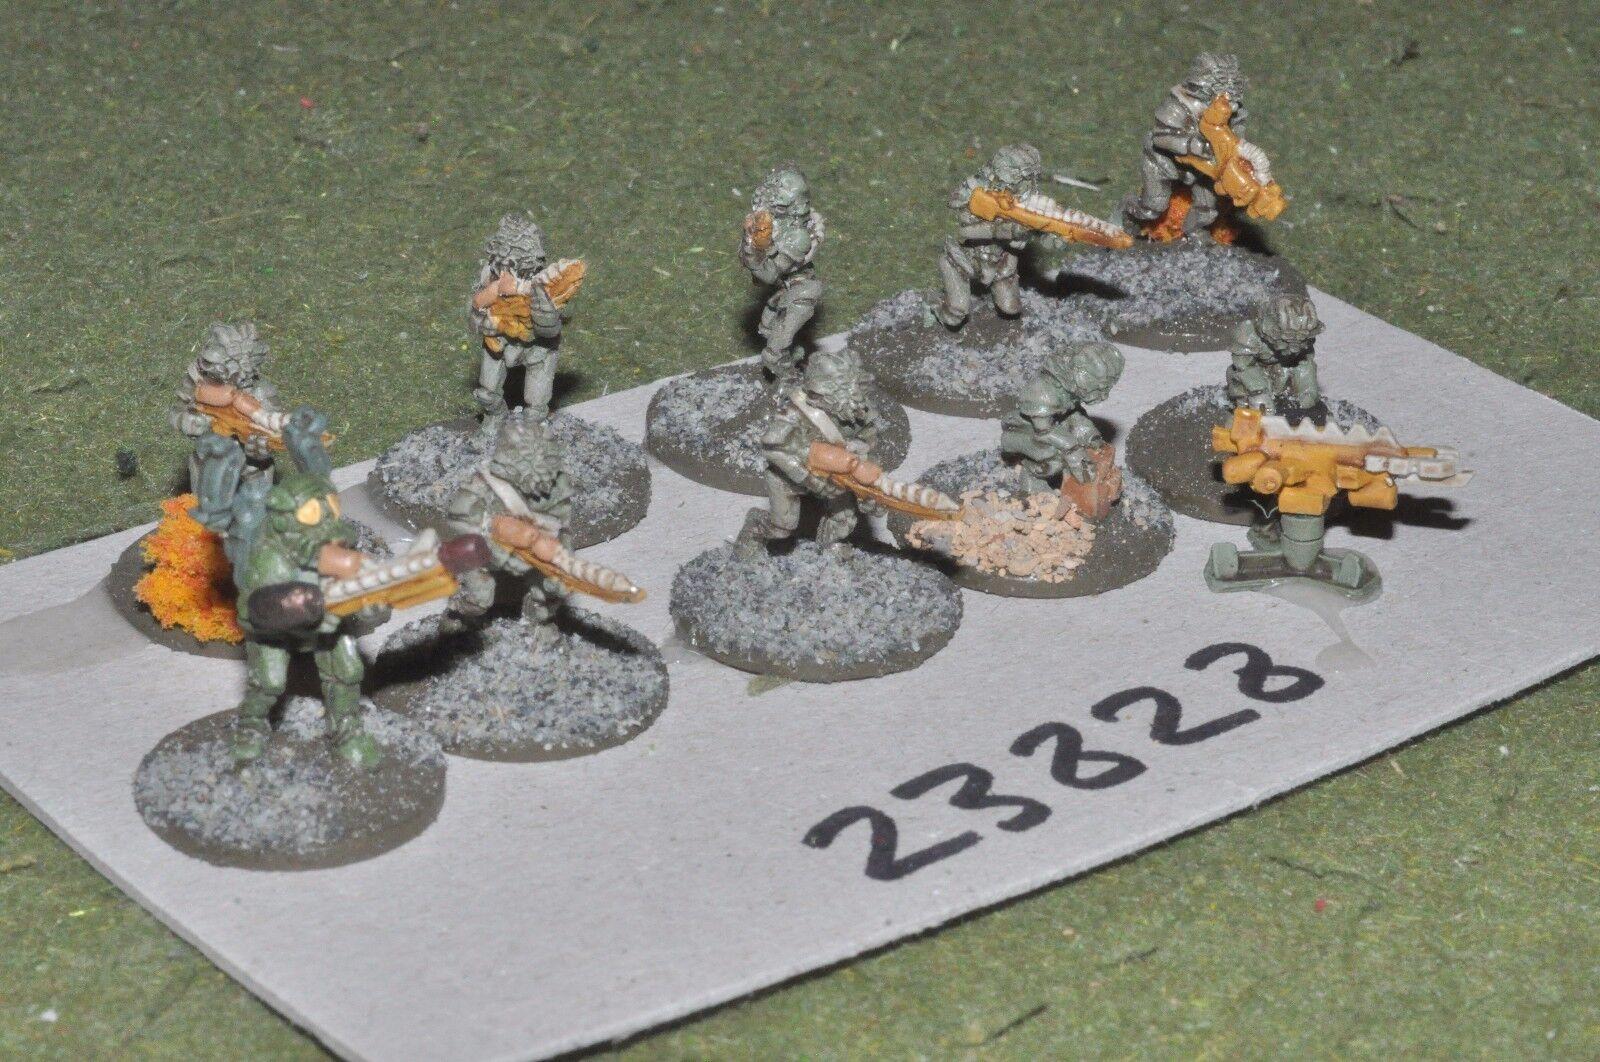 15mm scifi   lizard - combat team 10 figures - inf (23828)